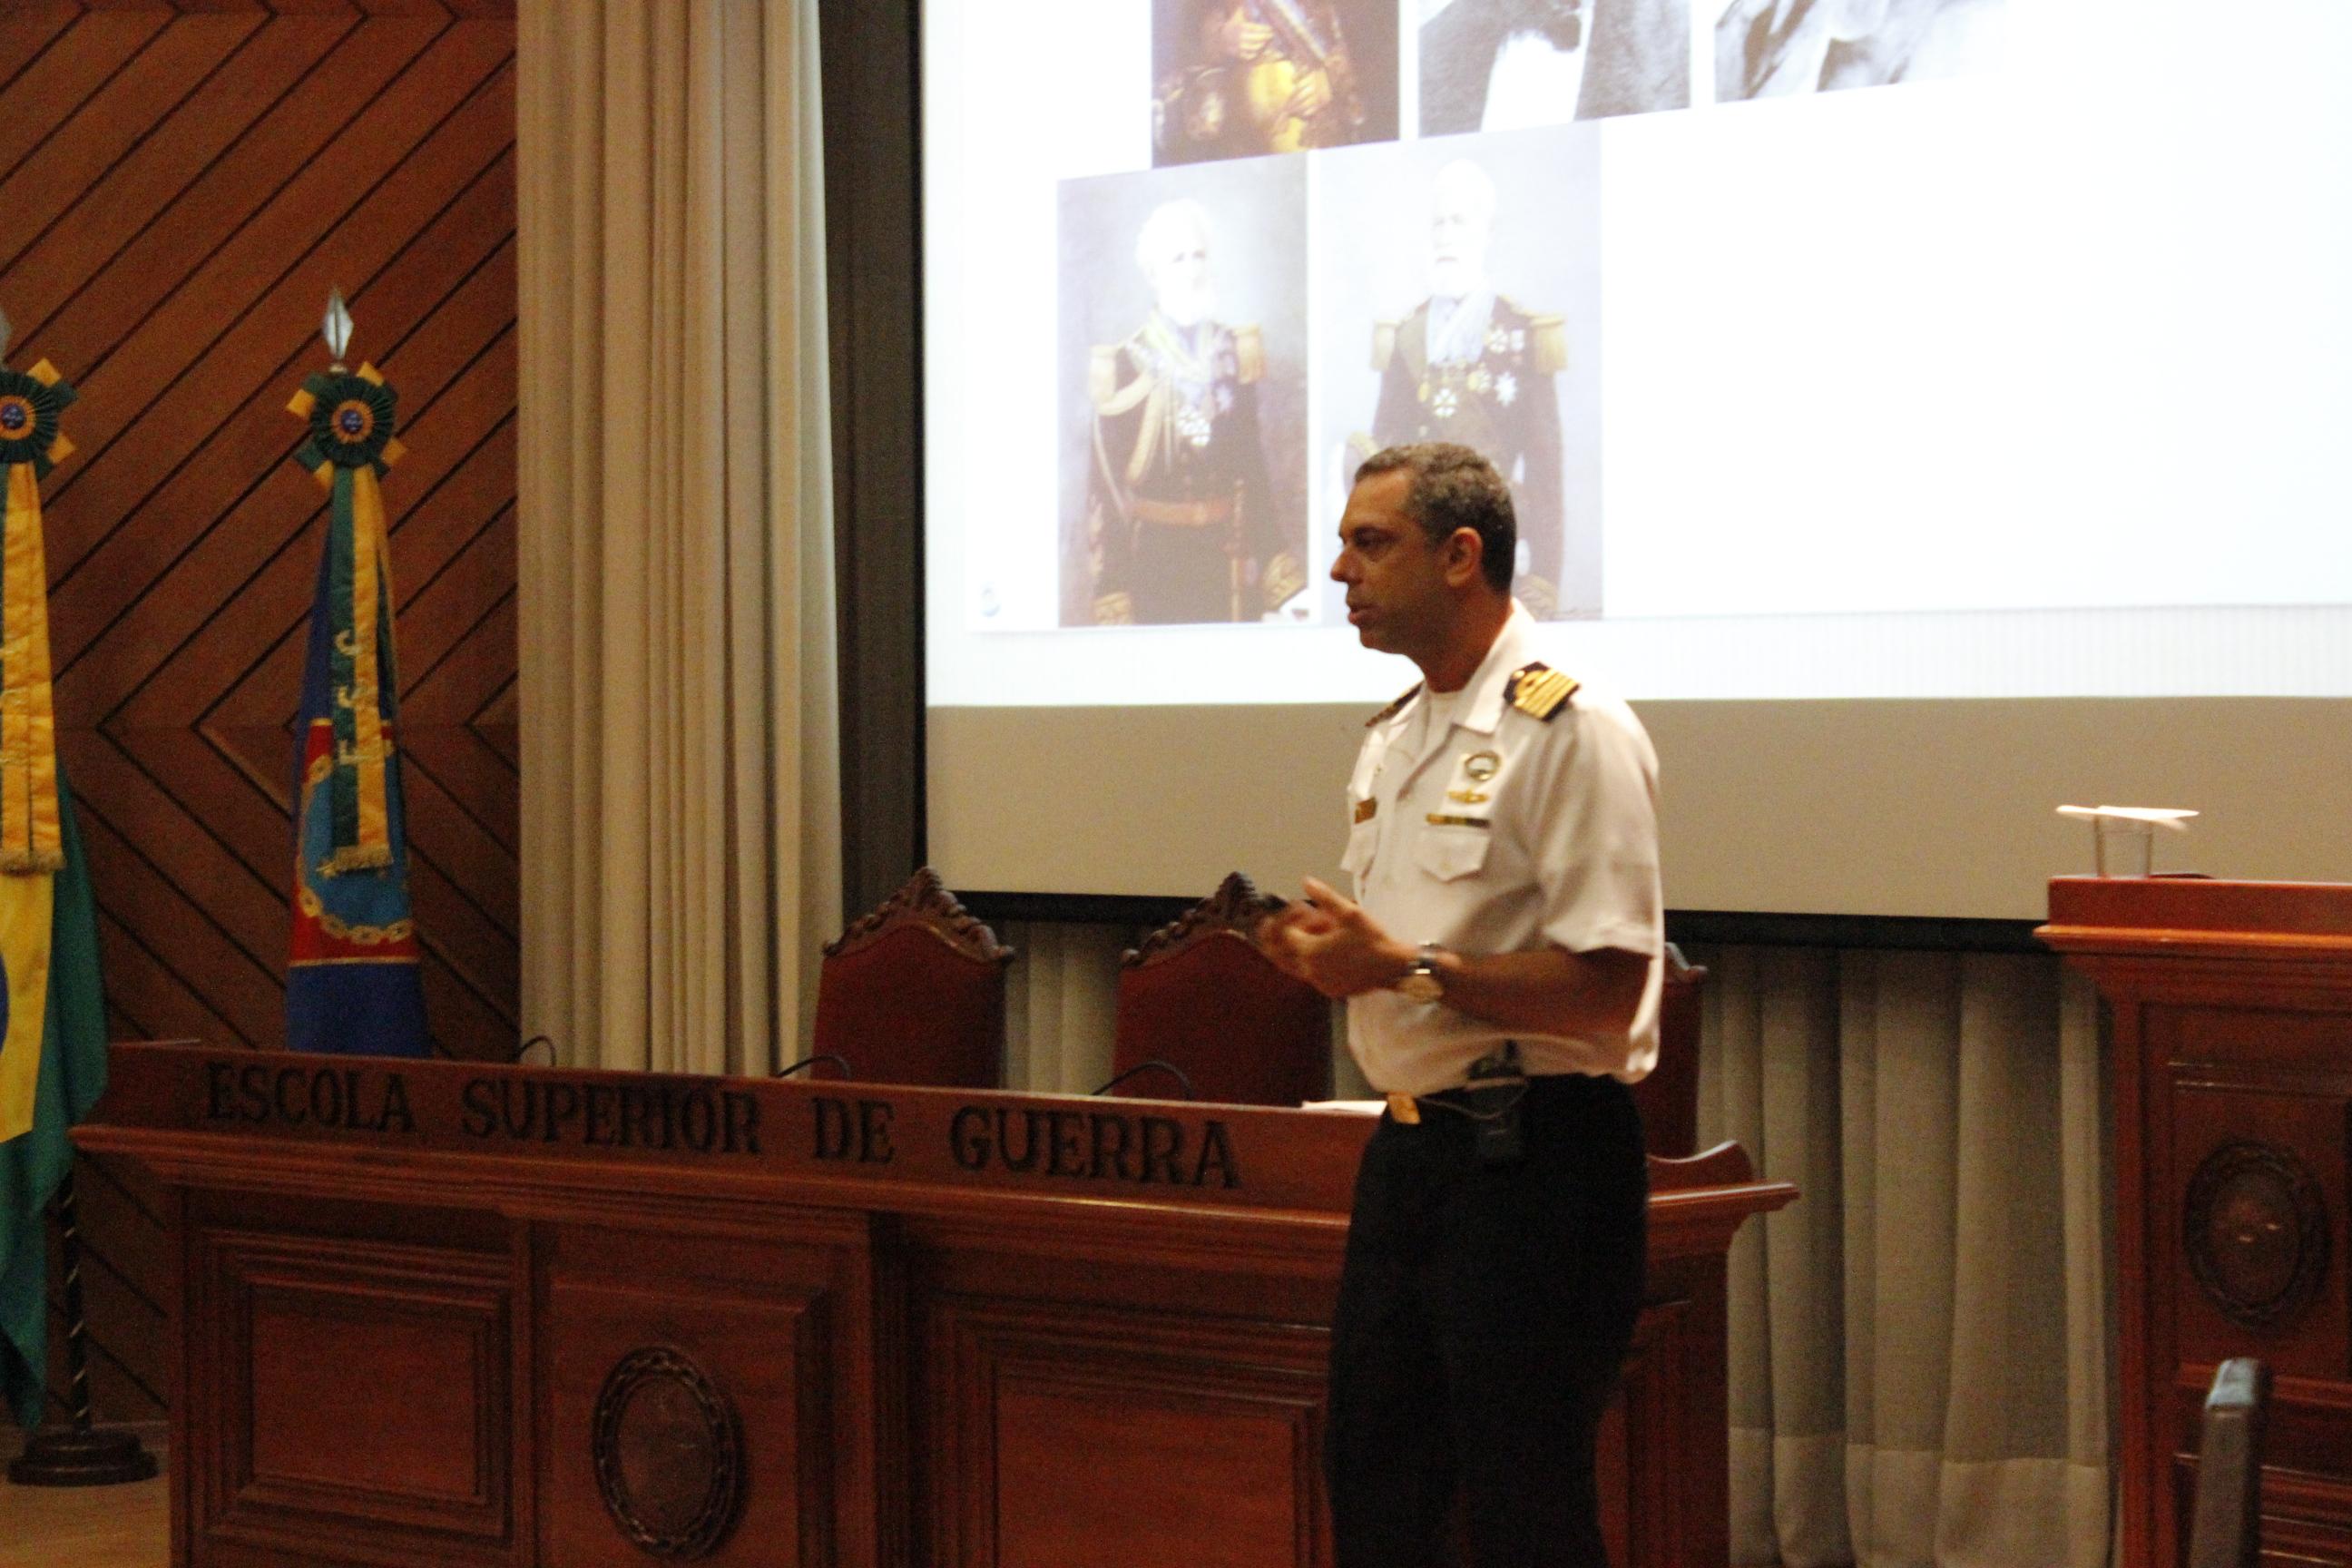 ESG Comemora Data Magna Da Marinha (Batalha Naval do Riachuelo)